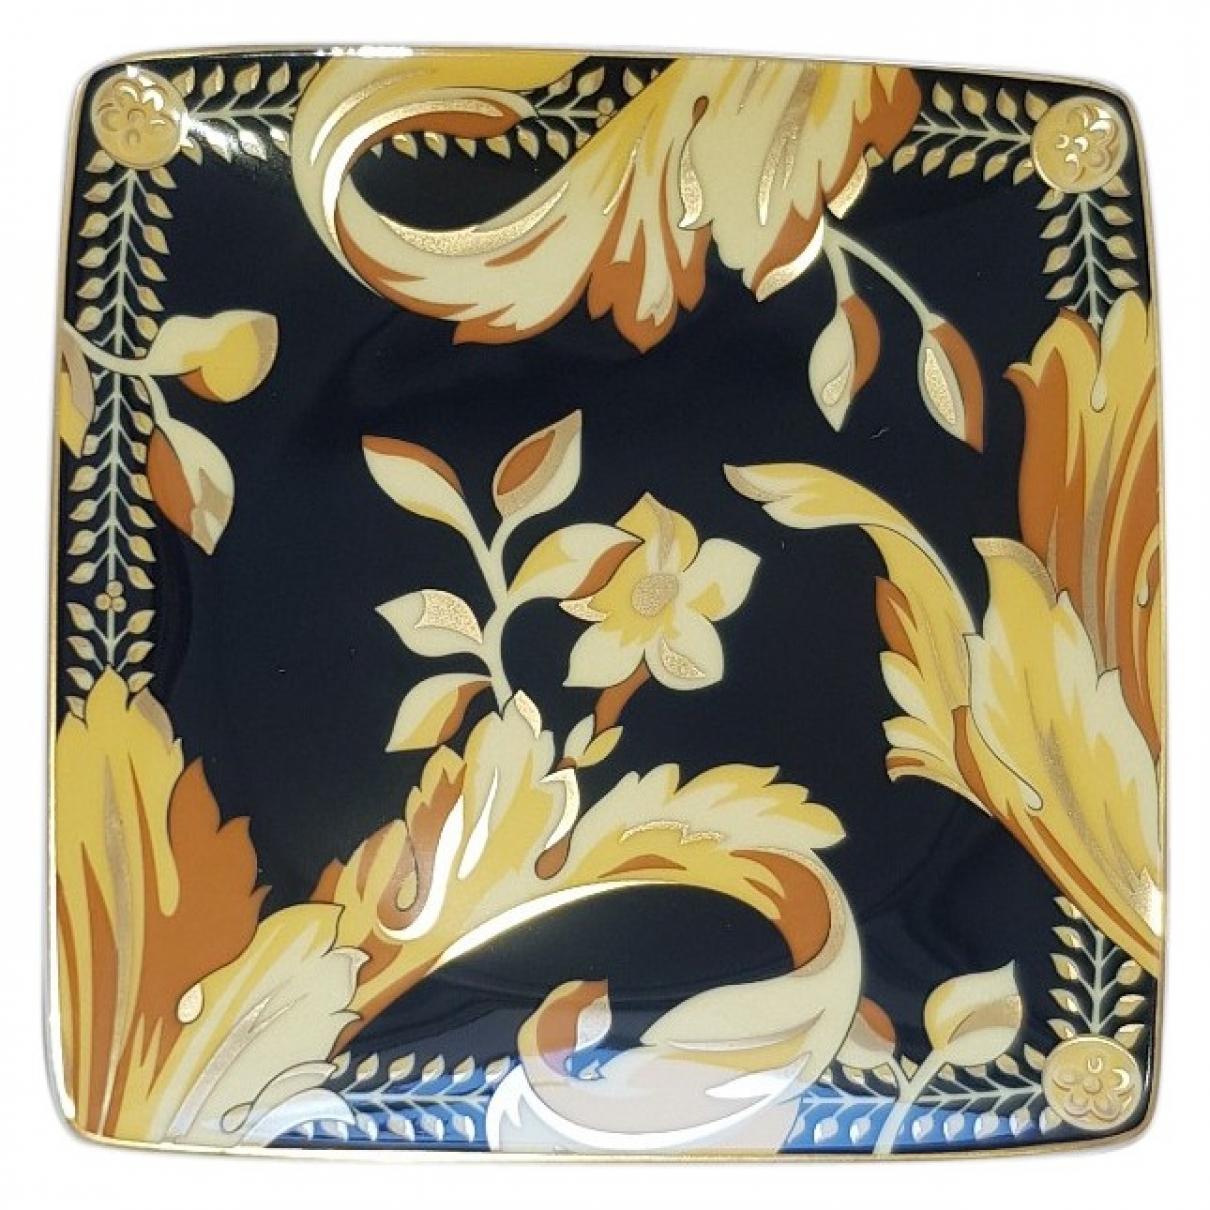 Versace \N Accessoires und Dekoration in  Bunt Porzellan